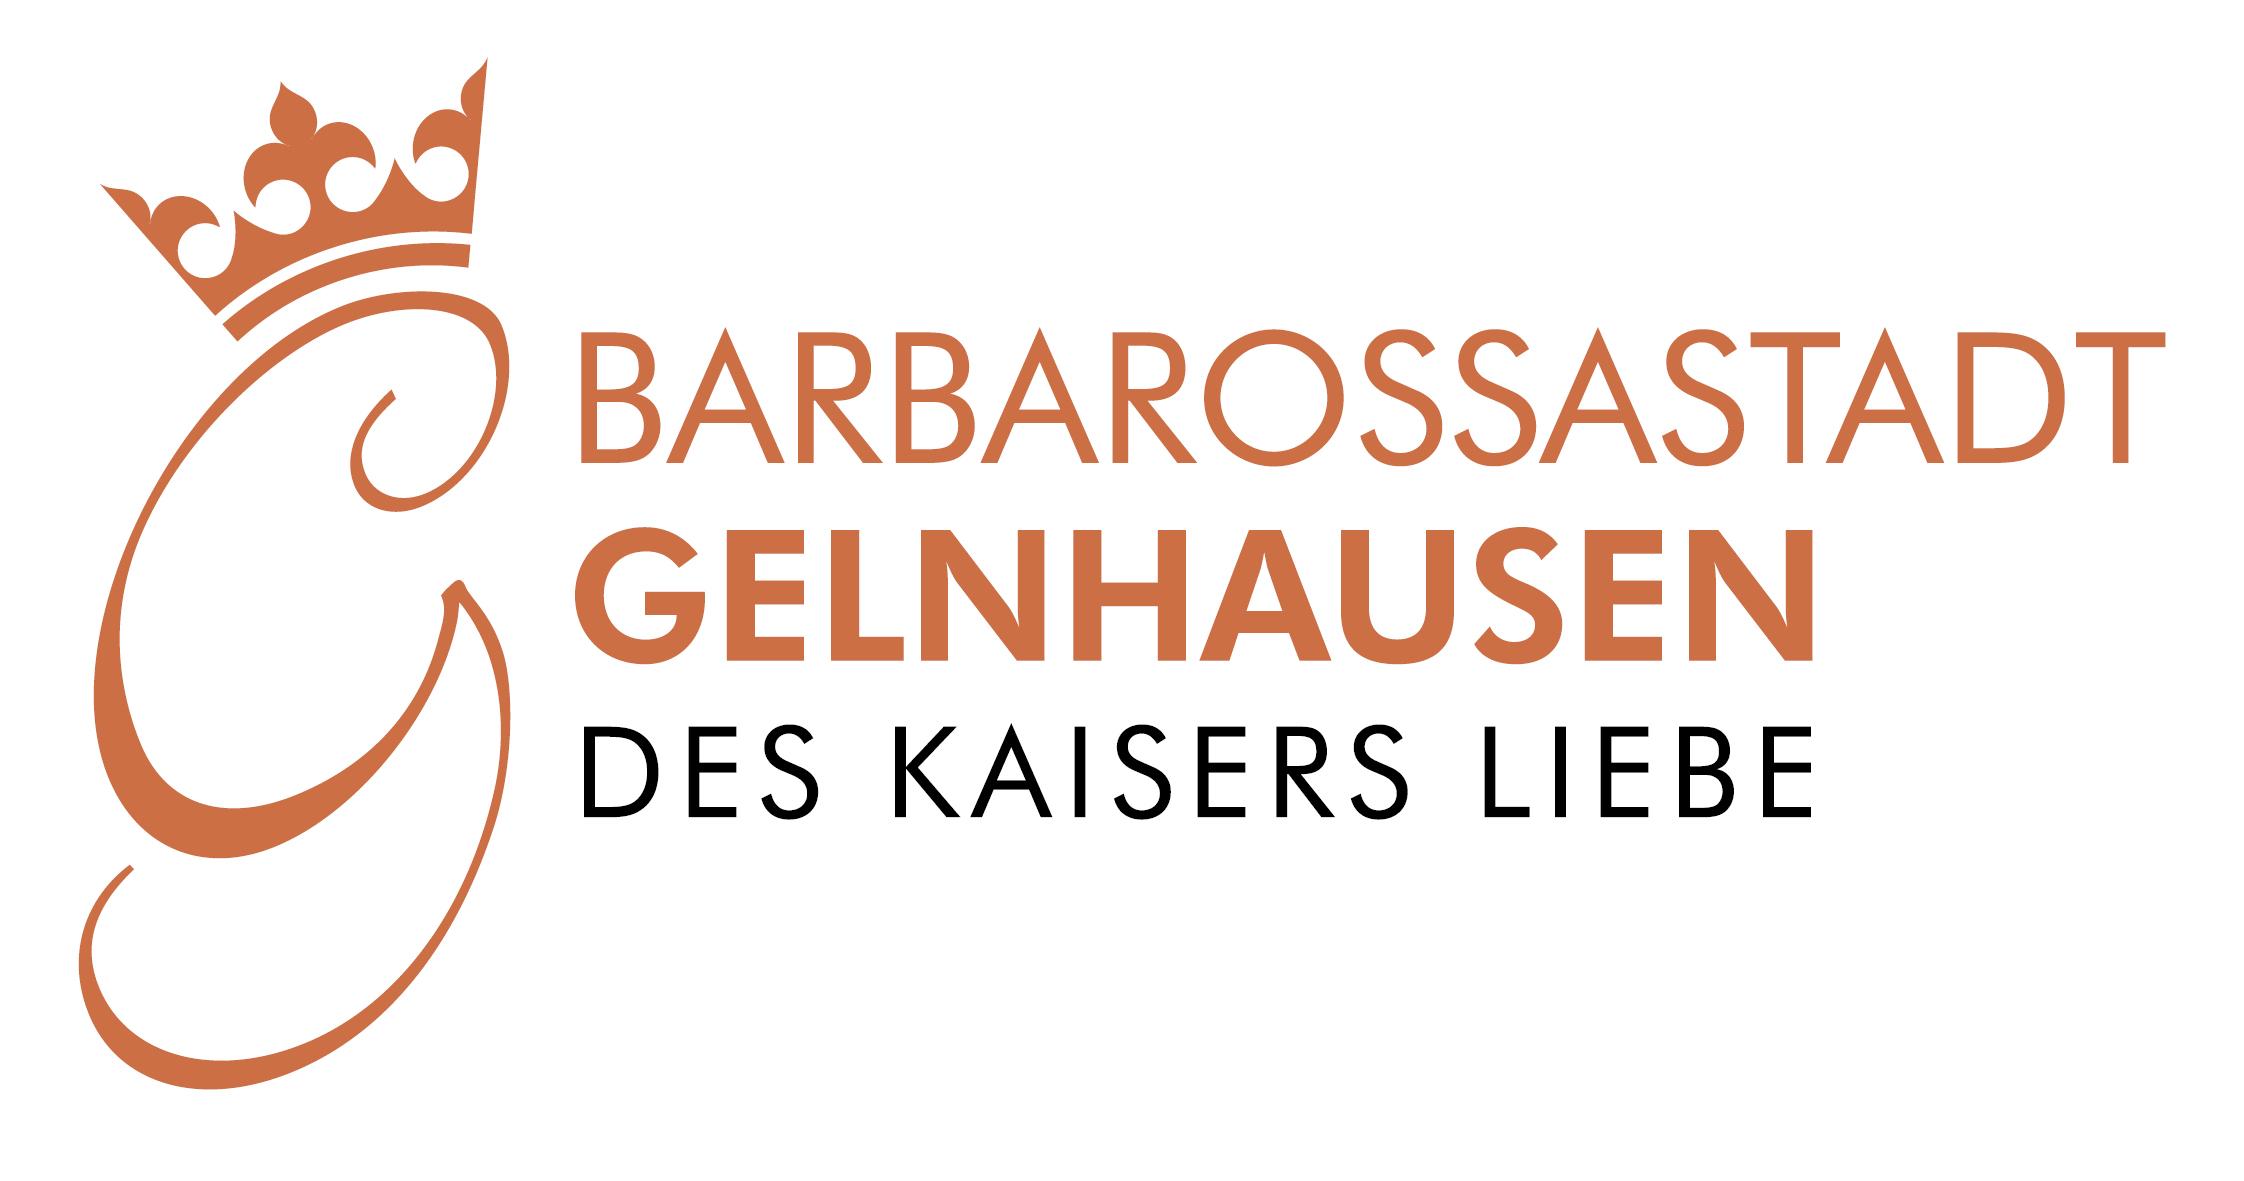 Logo der Barbarossastadt Gelnhausen